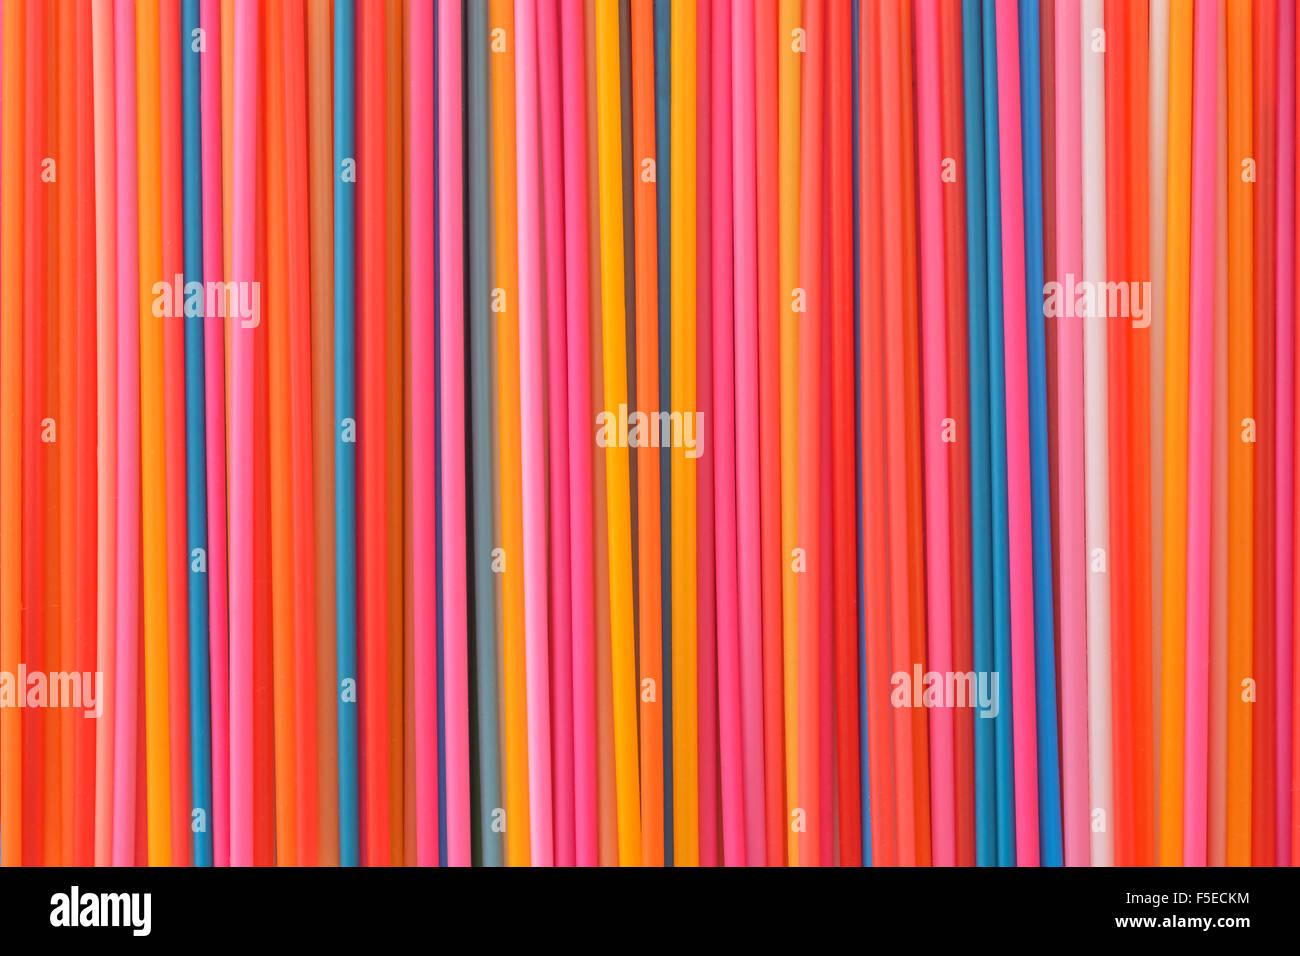 Le linee colorate di sfondo texture senza giunture Immagini Stock